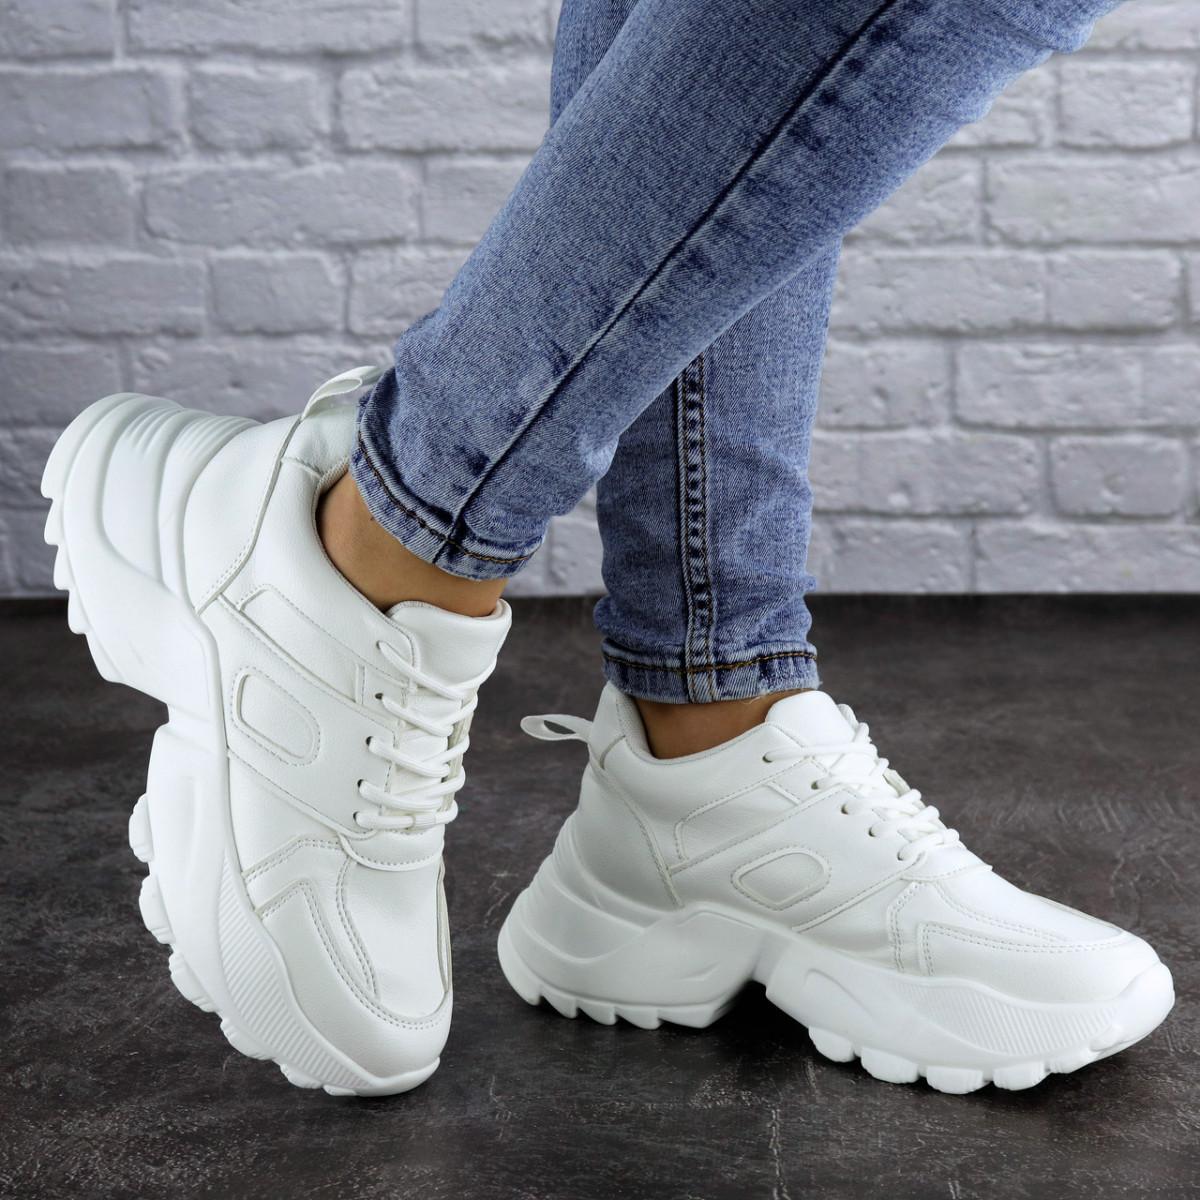 Кроссовки женские белые Avi 2105 (36 размер)